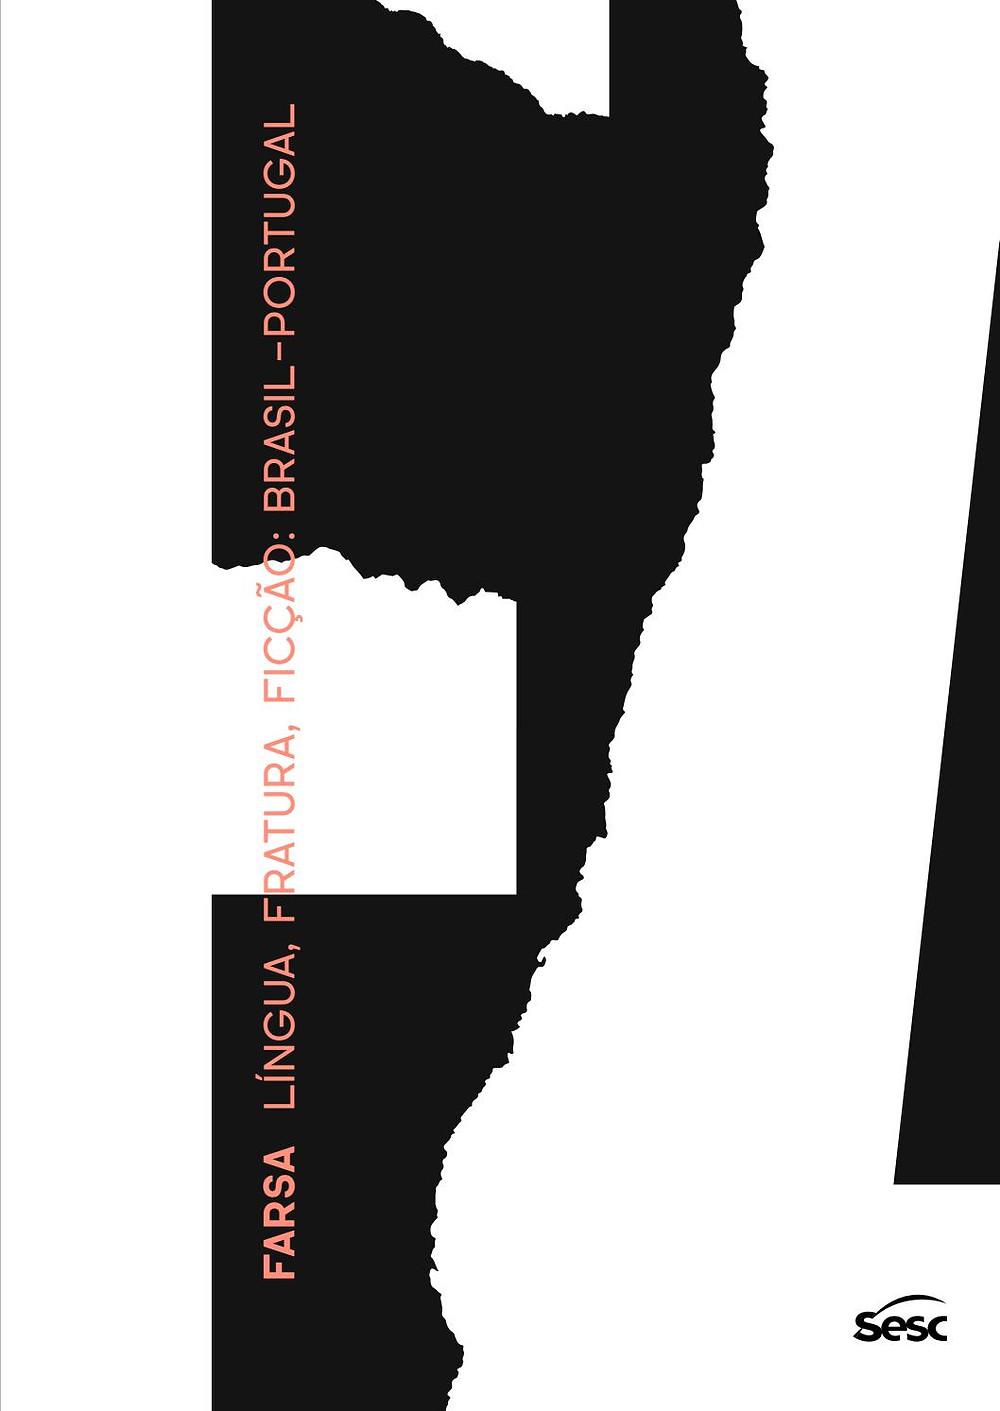 Exposição Farsa - Língua, Fratura, Ficção - Brasil-Portugal em cartaz no Sesc Pompeia